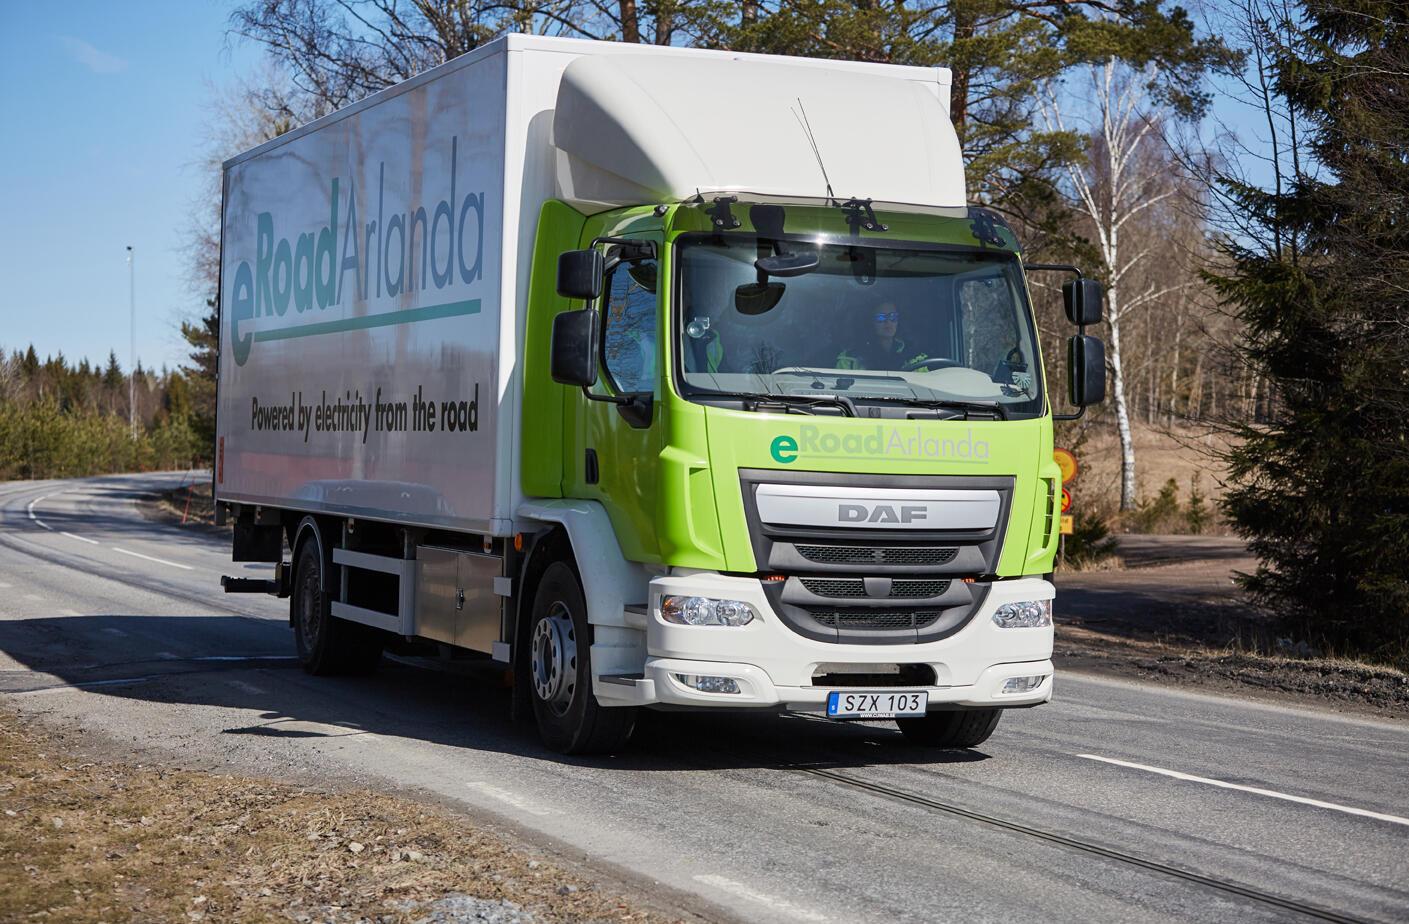 Avec un système de rail intégré dans la route, eRoadArlanda est le second sytème de route électrique testé en Suède